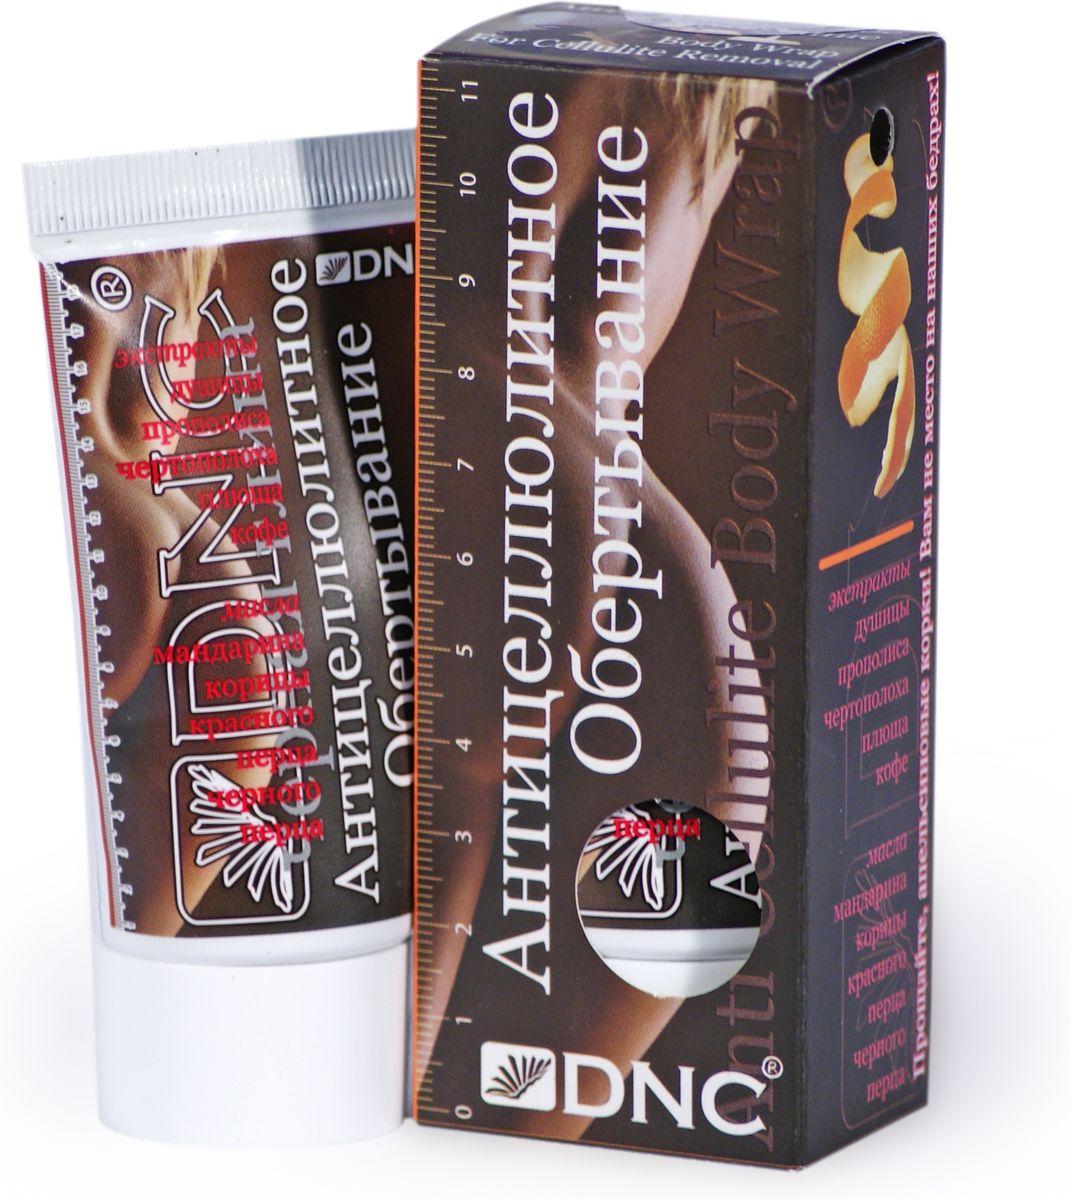 DNC Антицеллюлитное обертывание, 50 мл4751006795Тщательно подобранный комплекс с высоким содержанием действующих ингредиентов активизирует лимфо- и кровоток. Стимулирует клеточный обмен и очищение в глубоких слоях эпителия. Обертывания заметно улучшают состояние кожи, возвращая ей эластичность и гладкость.